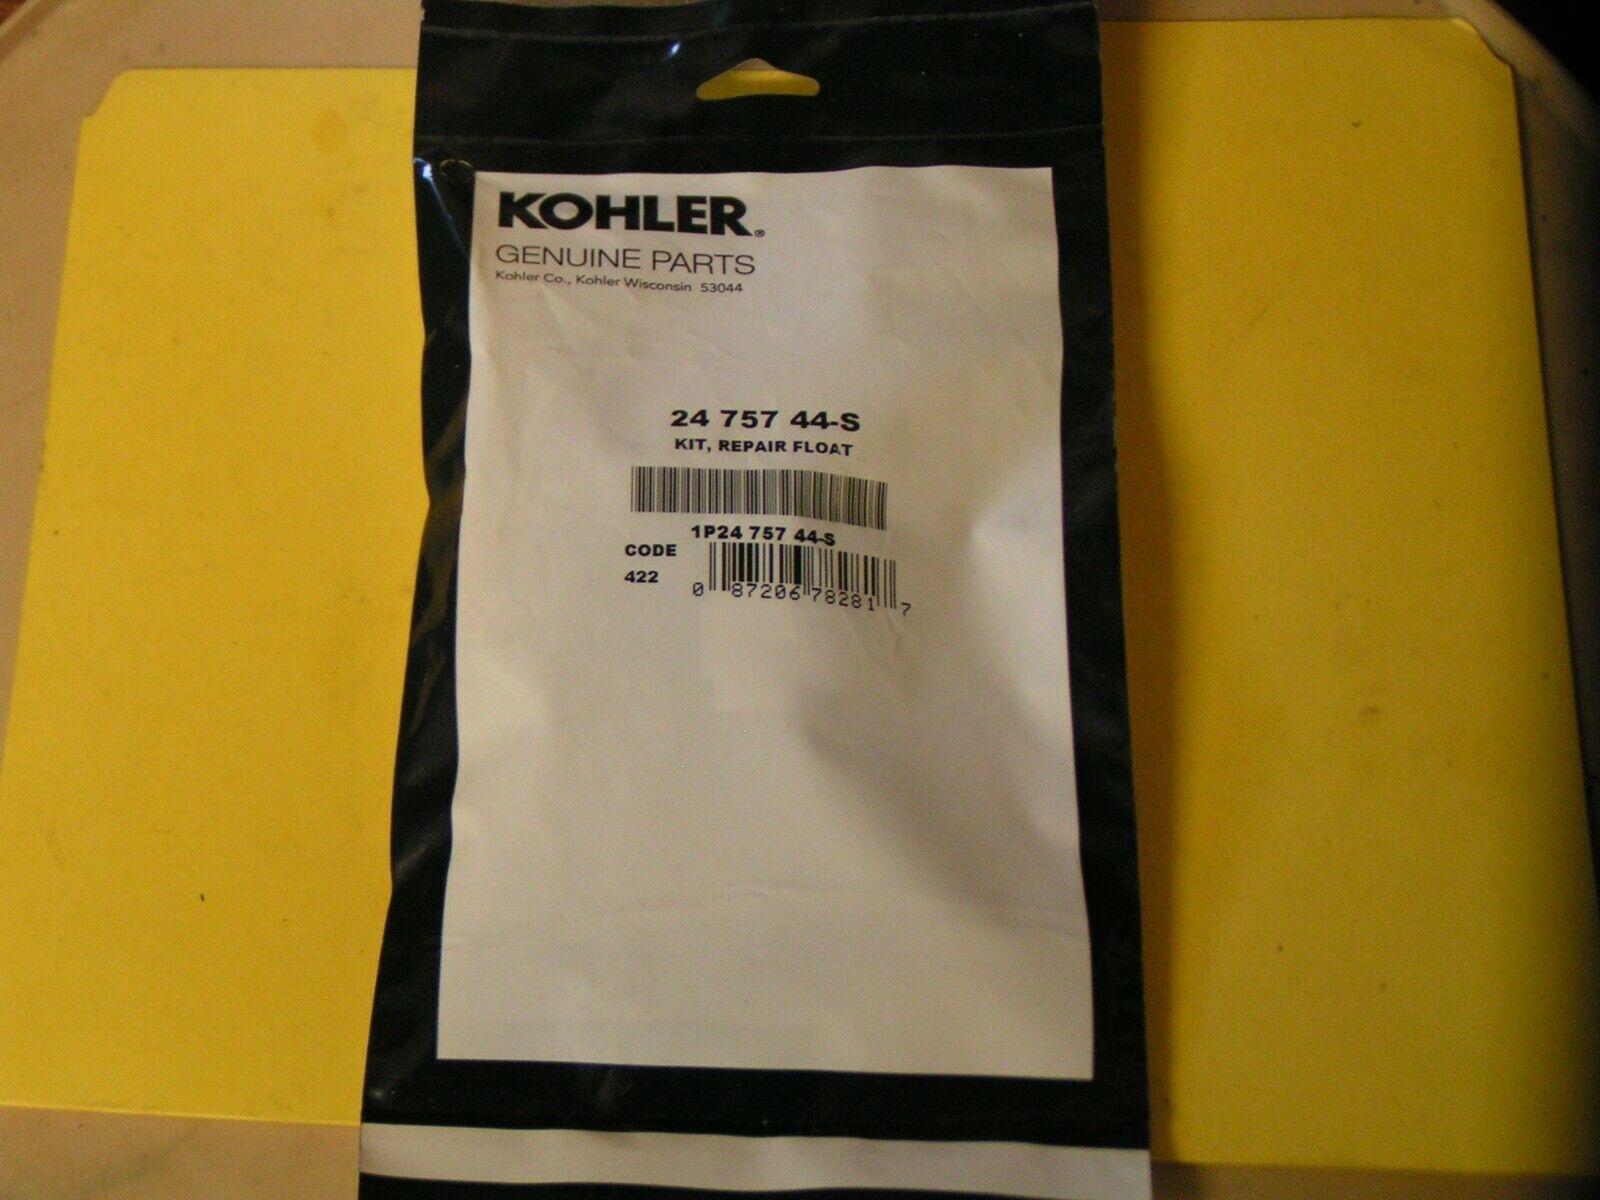 Flotador Cocheburador KOHLER Motor Kit De Reparación-parte  2475744-S - nueva pieza de servicio